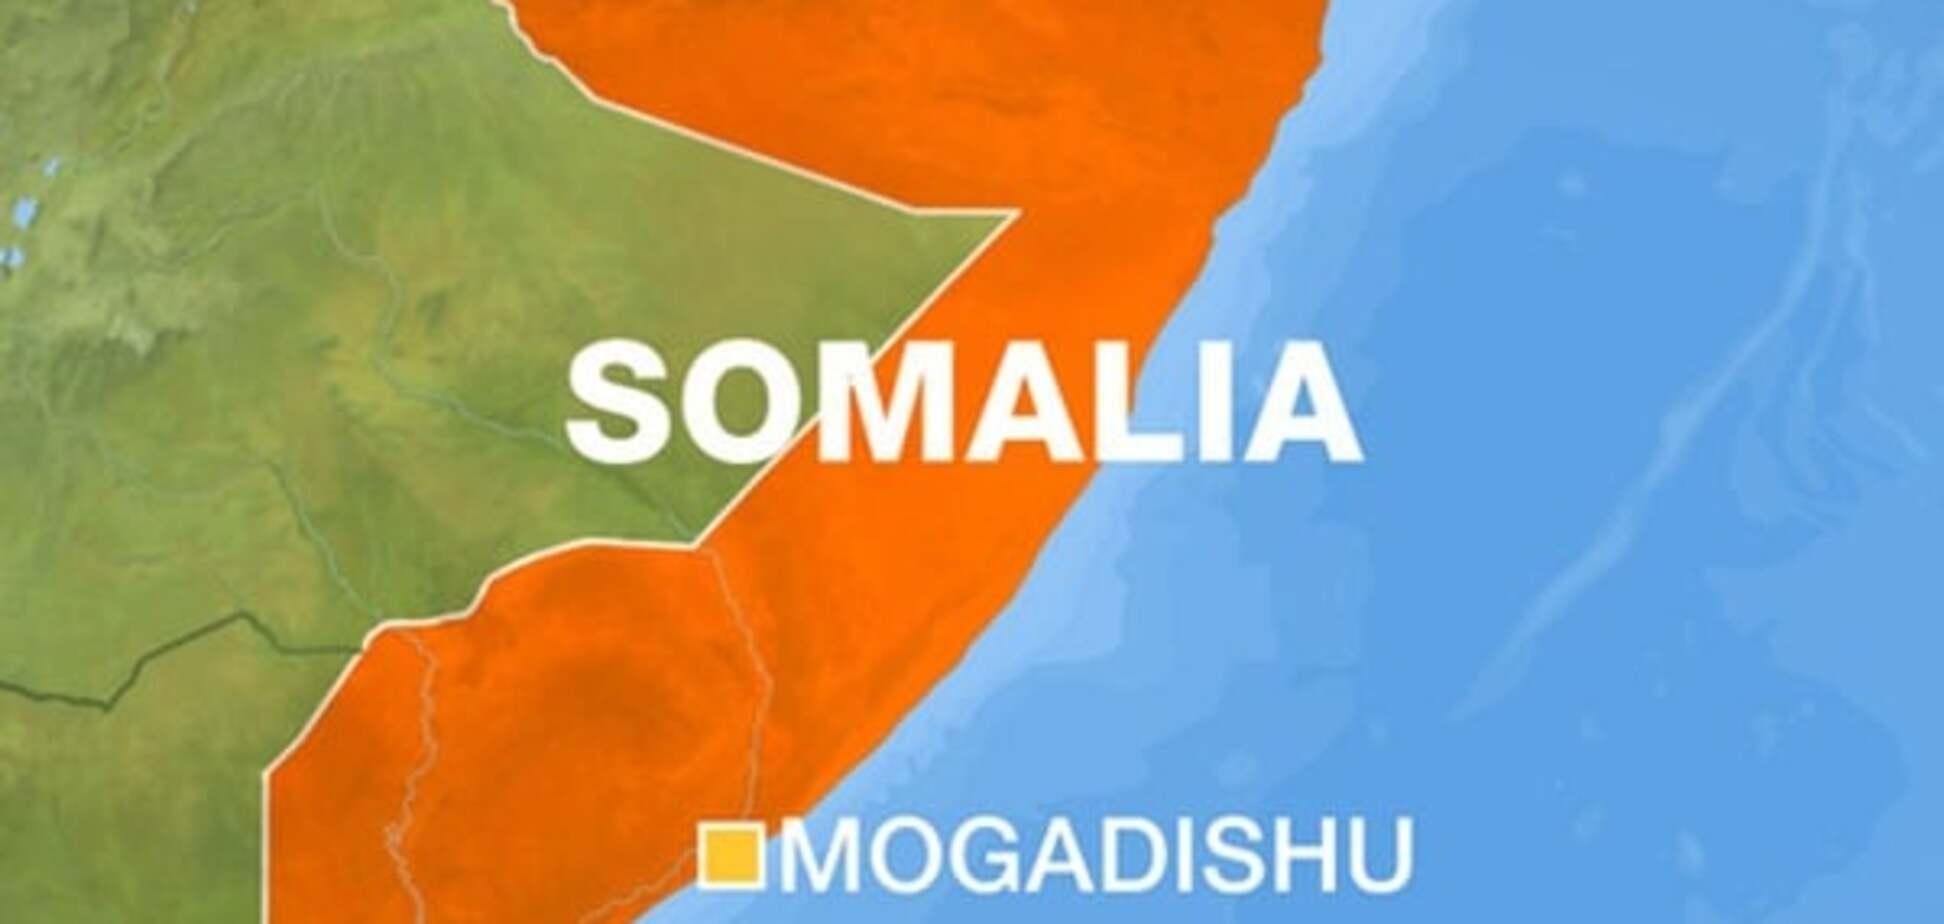 Бойовики 'Аль-Шабаб' влаштували теракт в Сомалі: є жертви